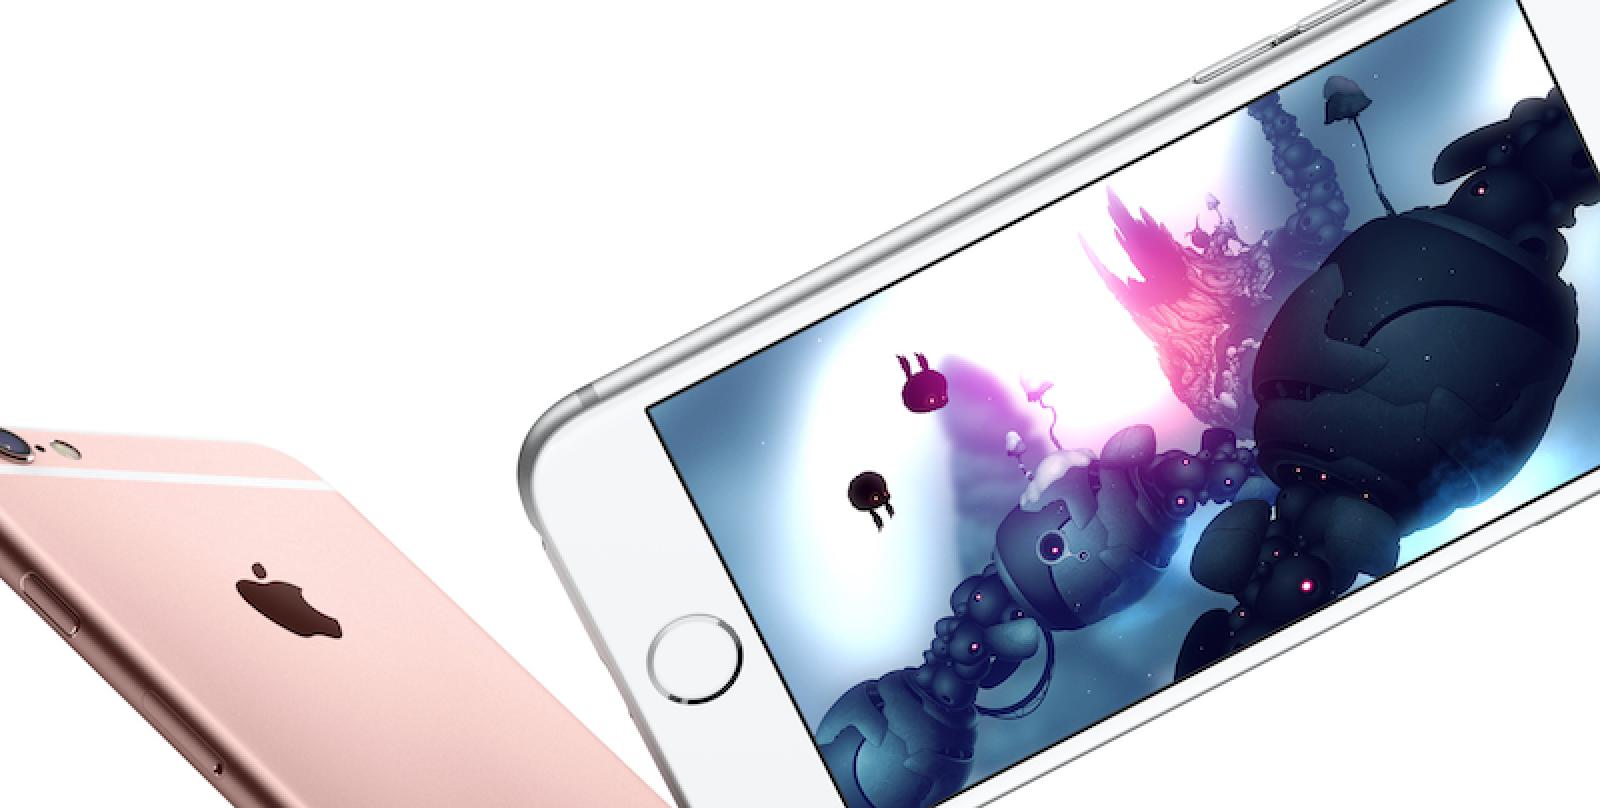 Apple планирует дебютировать с OLED iPhone в 2017 году